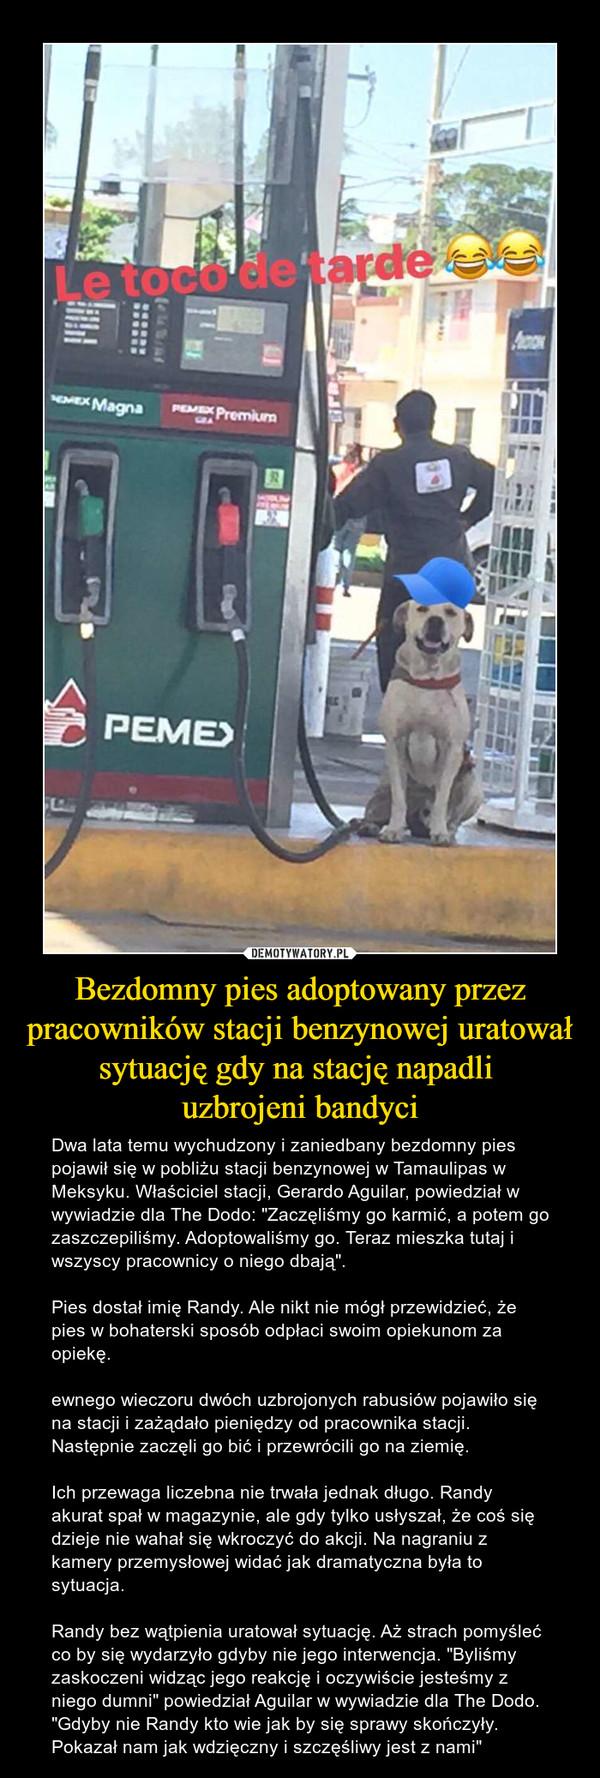 """Bezdomny pies adoptowany przez pracowników stacji benzynowej uratował sytuację gdy na stację napadli uzbrojeni bandyci – Dwa lata temu wychudzony i zaniedbany bezdomny pies pojawił się w pobliżu stacji benzynowej w Tamaulipas w Meksyku. Właściciel stacji, Gerardo Aguilar, powiedział w wywiadzie dla The Dodo: """"Zaczęliśmy go karmić, a potem go zaszczepiliśmy. Adoptowaliśmy go. Teraz mieszka tutaj i wszyscy pracownicy o niego dbają"""".Pies dostał imię Randy. Ale nikt nie mógł przewidzieć, że pies w bohaterski sposób odpłaci swoim opiekunom za opiekę.ewnego wieczoru dwóch uzbrojonych rabusiów pojawiło się na stacji i zażądało pieniędzy od pracownika stacji. Następnie zaczęli go bić i przewrócili go na ziemię.Ich przewaga liczebna nie trwała jednak długo. Randy akurat spał w magazynie, ale gdy tylko usłyszał, że coś się dzieje nie wahał się wkroczyć do akcji. Na nagraniu z kamery przemysłowej widać jak dramatyczna była to sytuacja.Randy bez wątpienia uratował sytuację. Aż strach pomyśleć co by się wydarzyło gdyby nie jego interwencja. """"Byliśmy zaskoczeni widząc jego reakcję i oczywiście jesteśmy z niego dumni"""" powiedział Aguilar w wywiadzie dla The Dodo. """"Gdyby nie Randy kto wie jak by się sprawy skończyły. Pokazał nam jak wdzięczny i szczęśliwy jest z nami"""""""